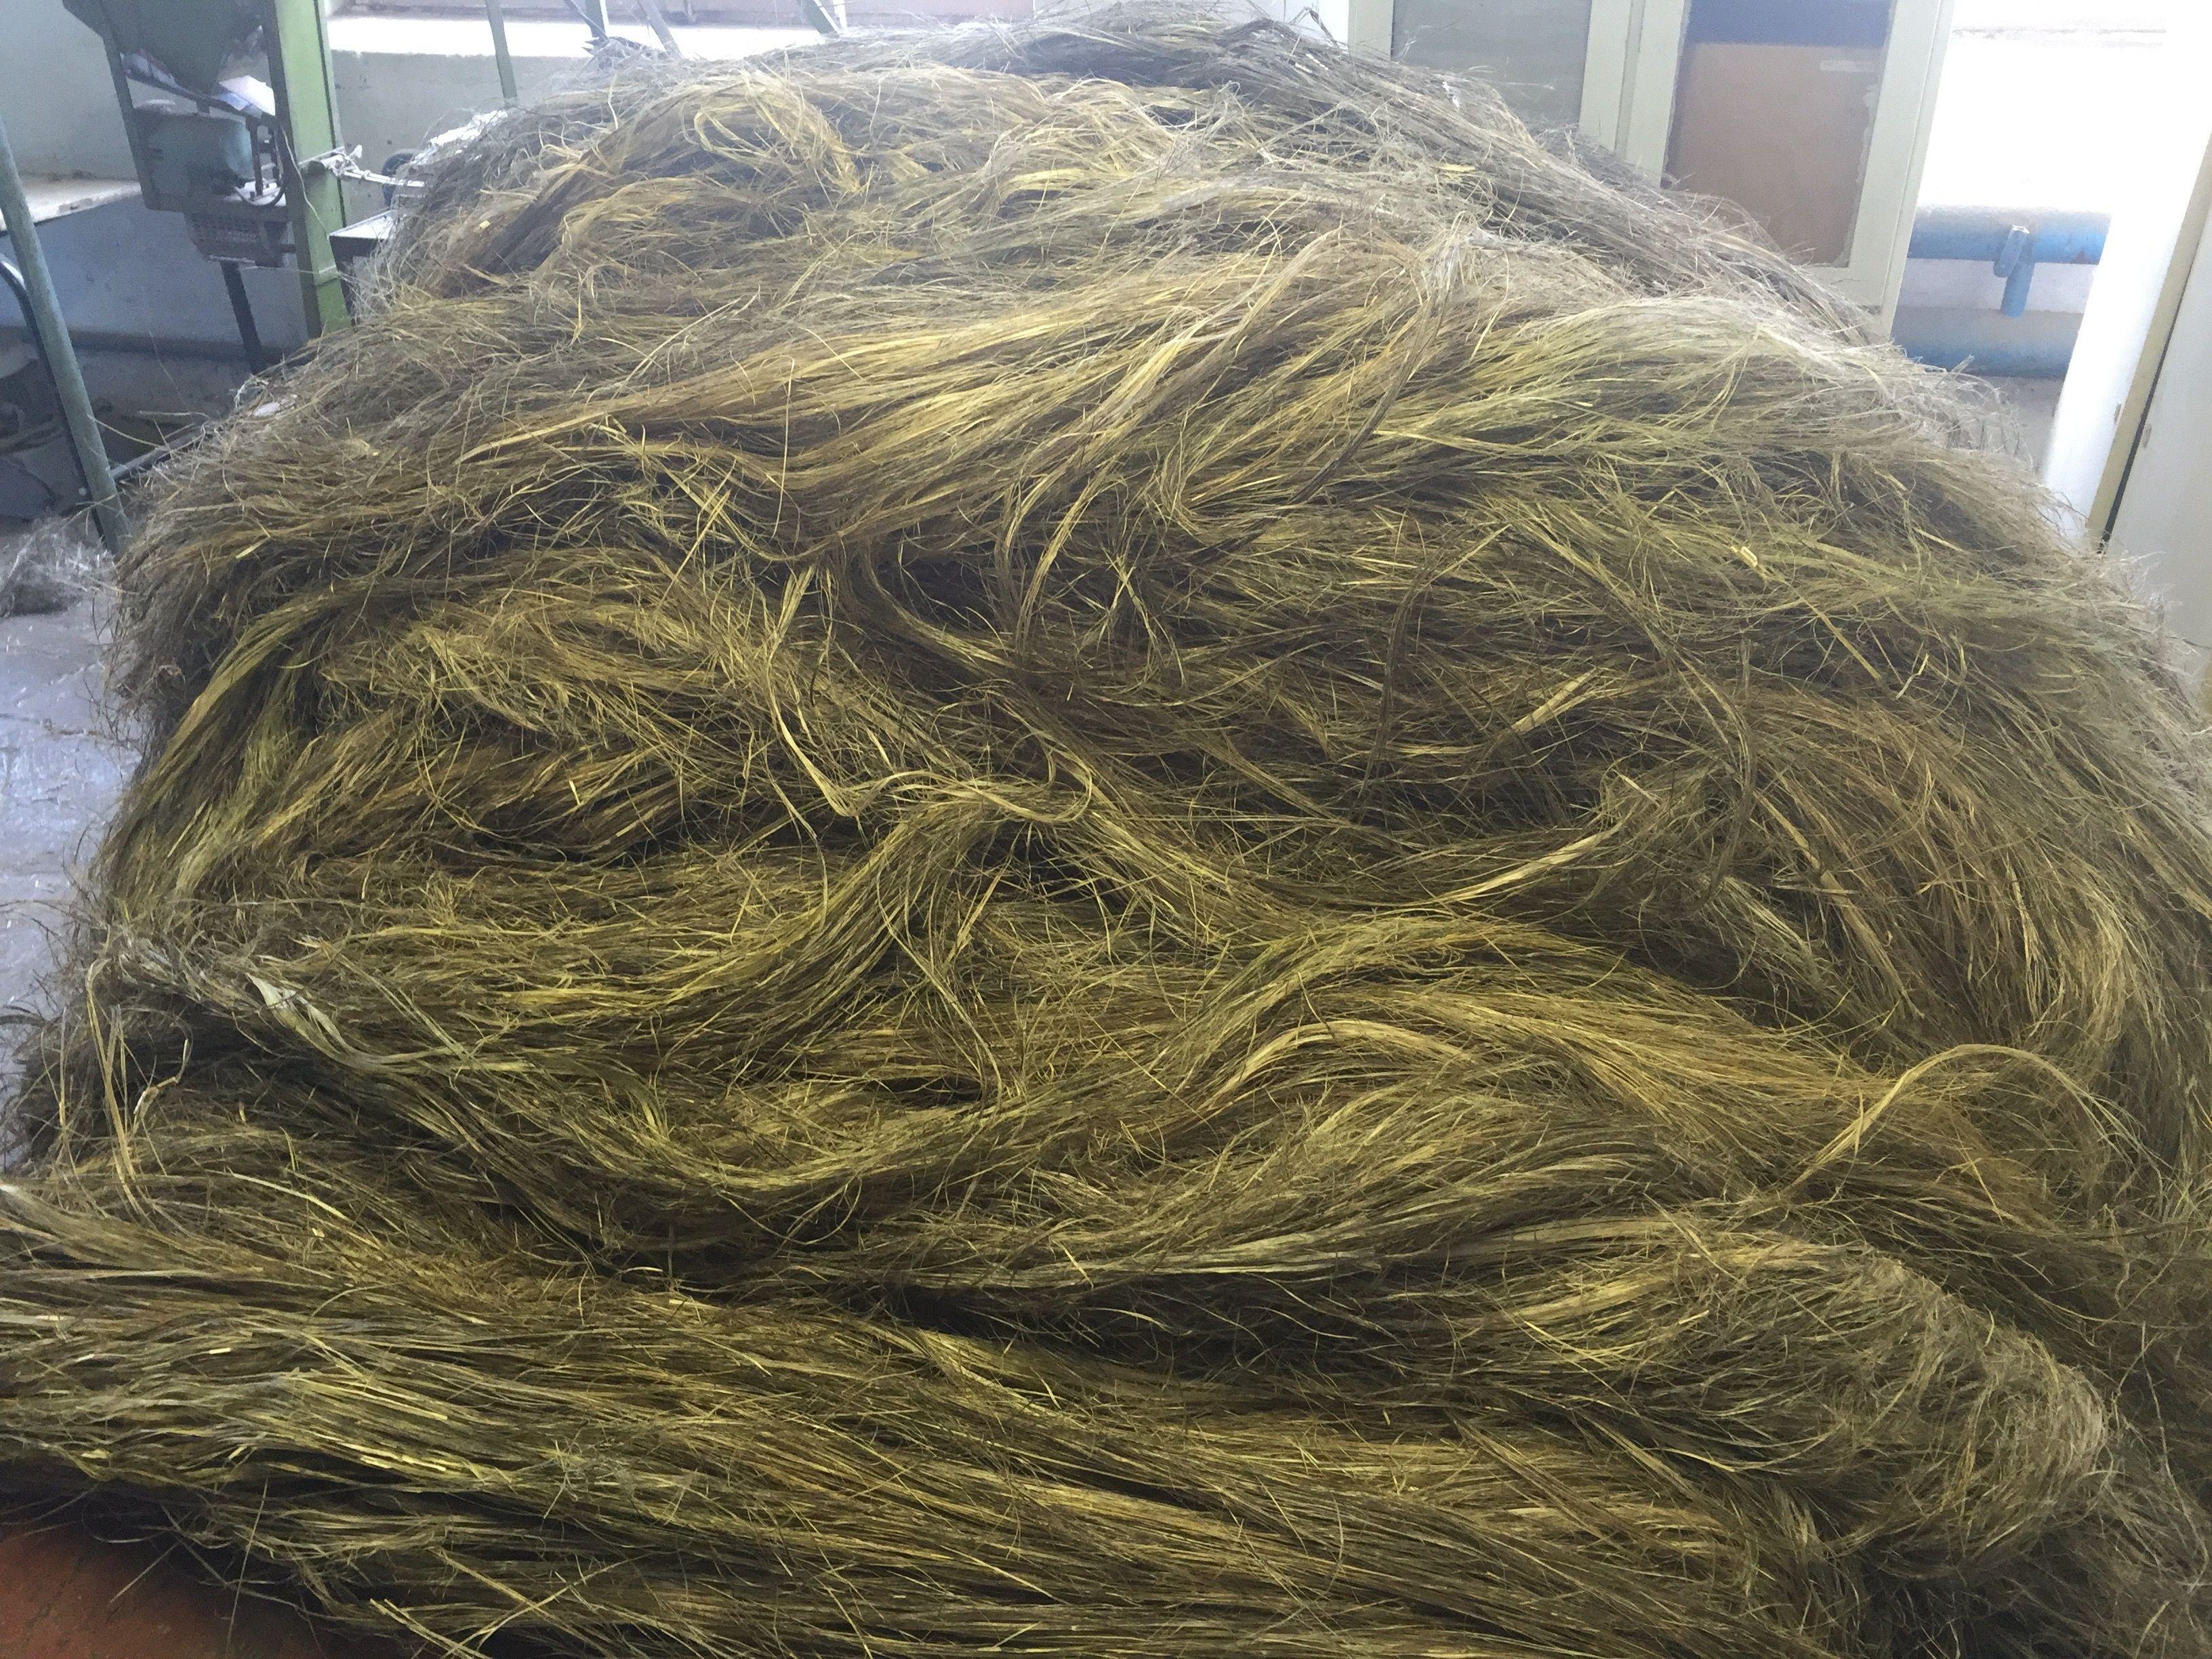 Пенька - что это такое и из какого растения изготавливают, свойства одежды из прядильного волокна и веревок